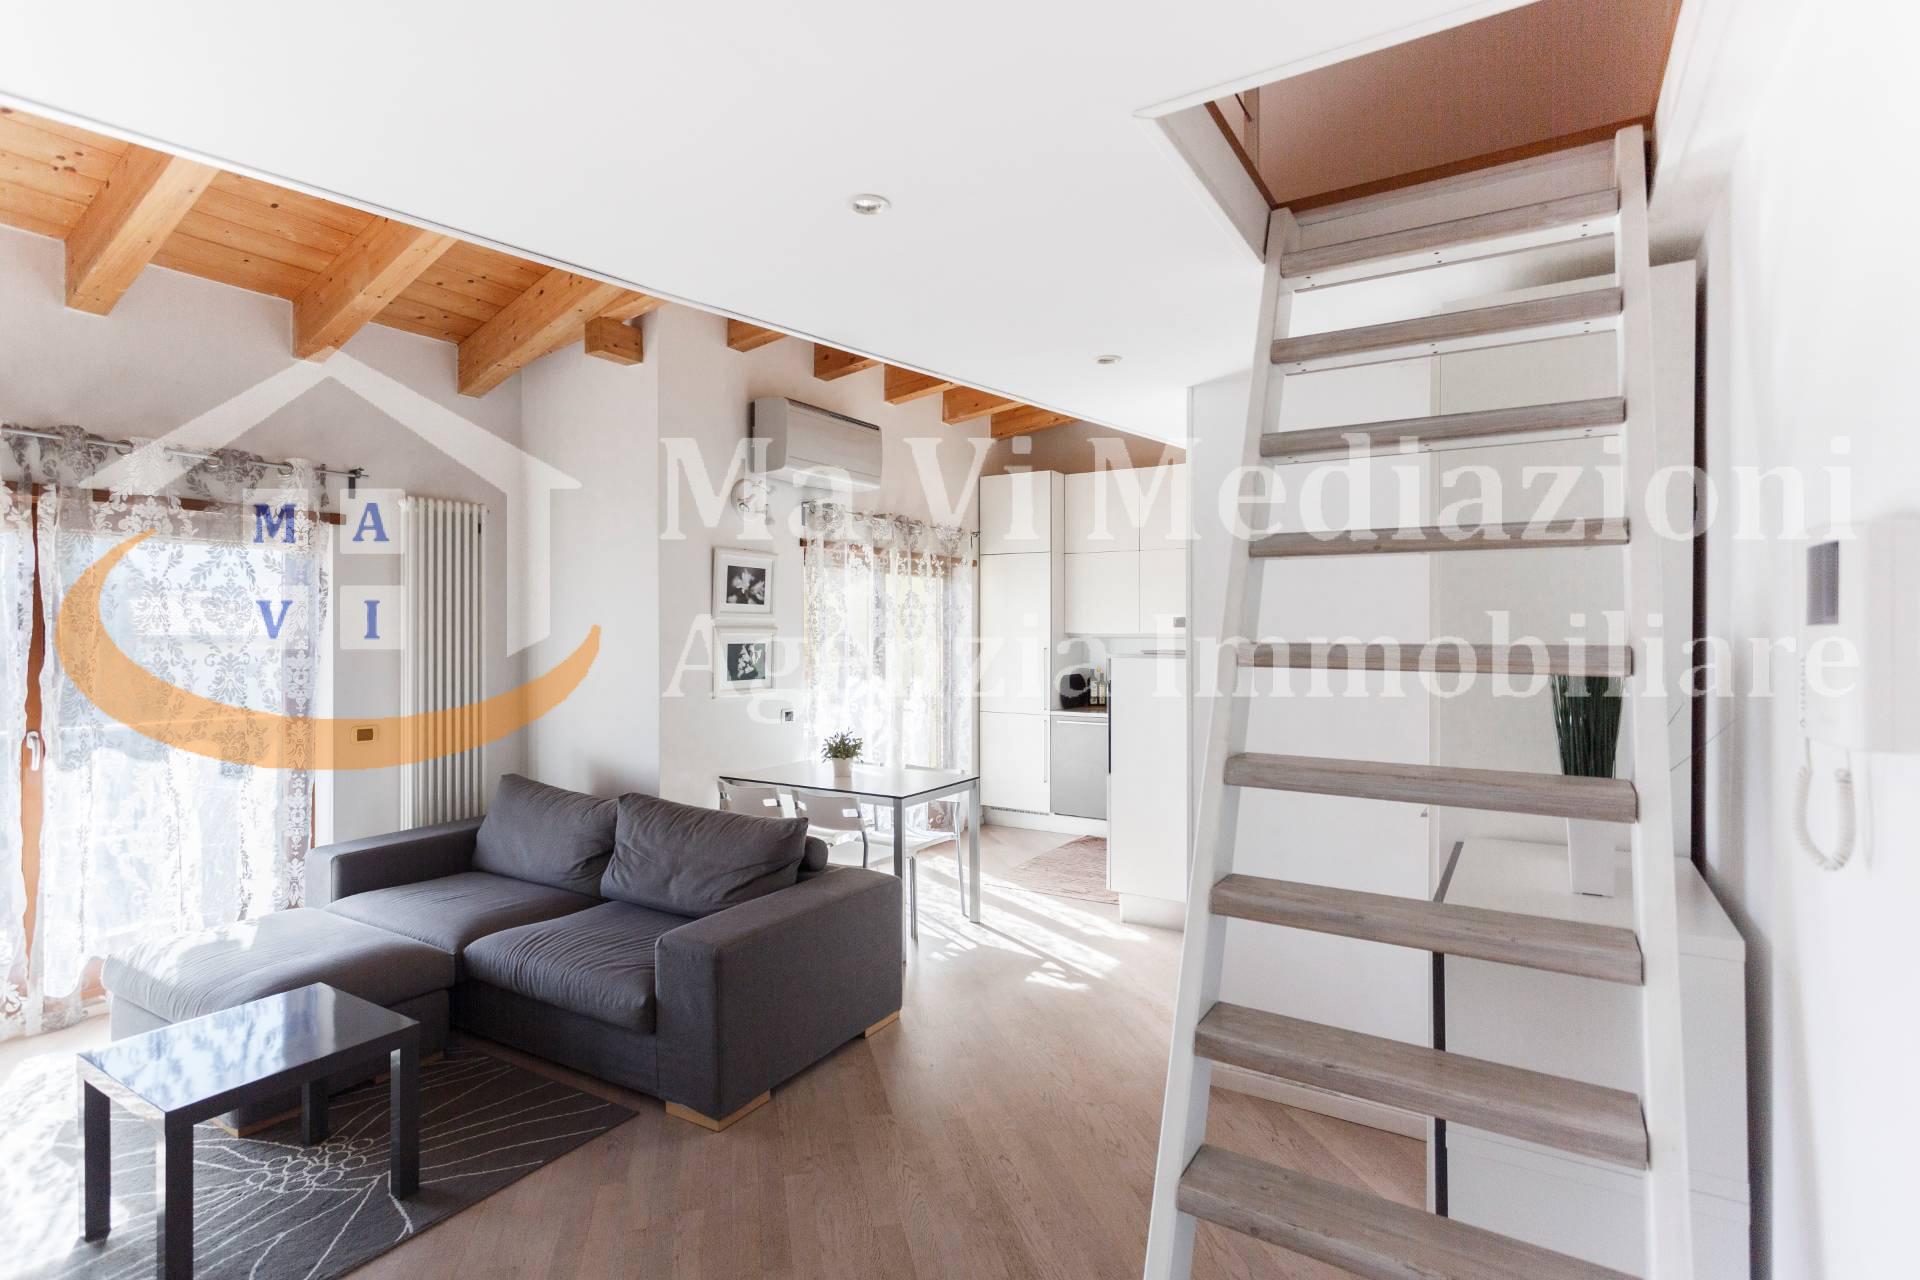 Appartamento in vendita a Riva del Garda, 3 locali, zona Zona: Riva, prezzo € 298.000   CambioCasa.it